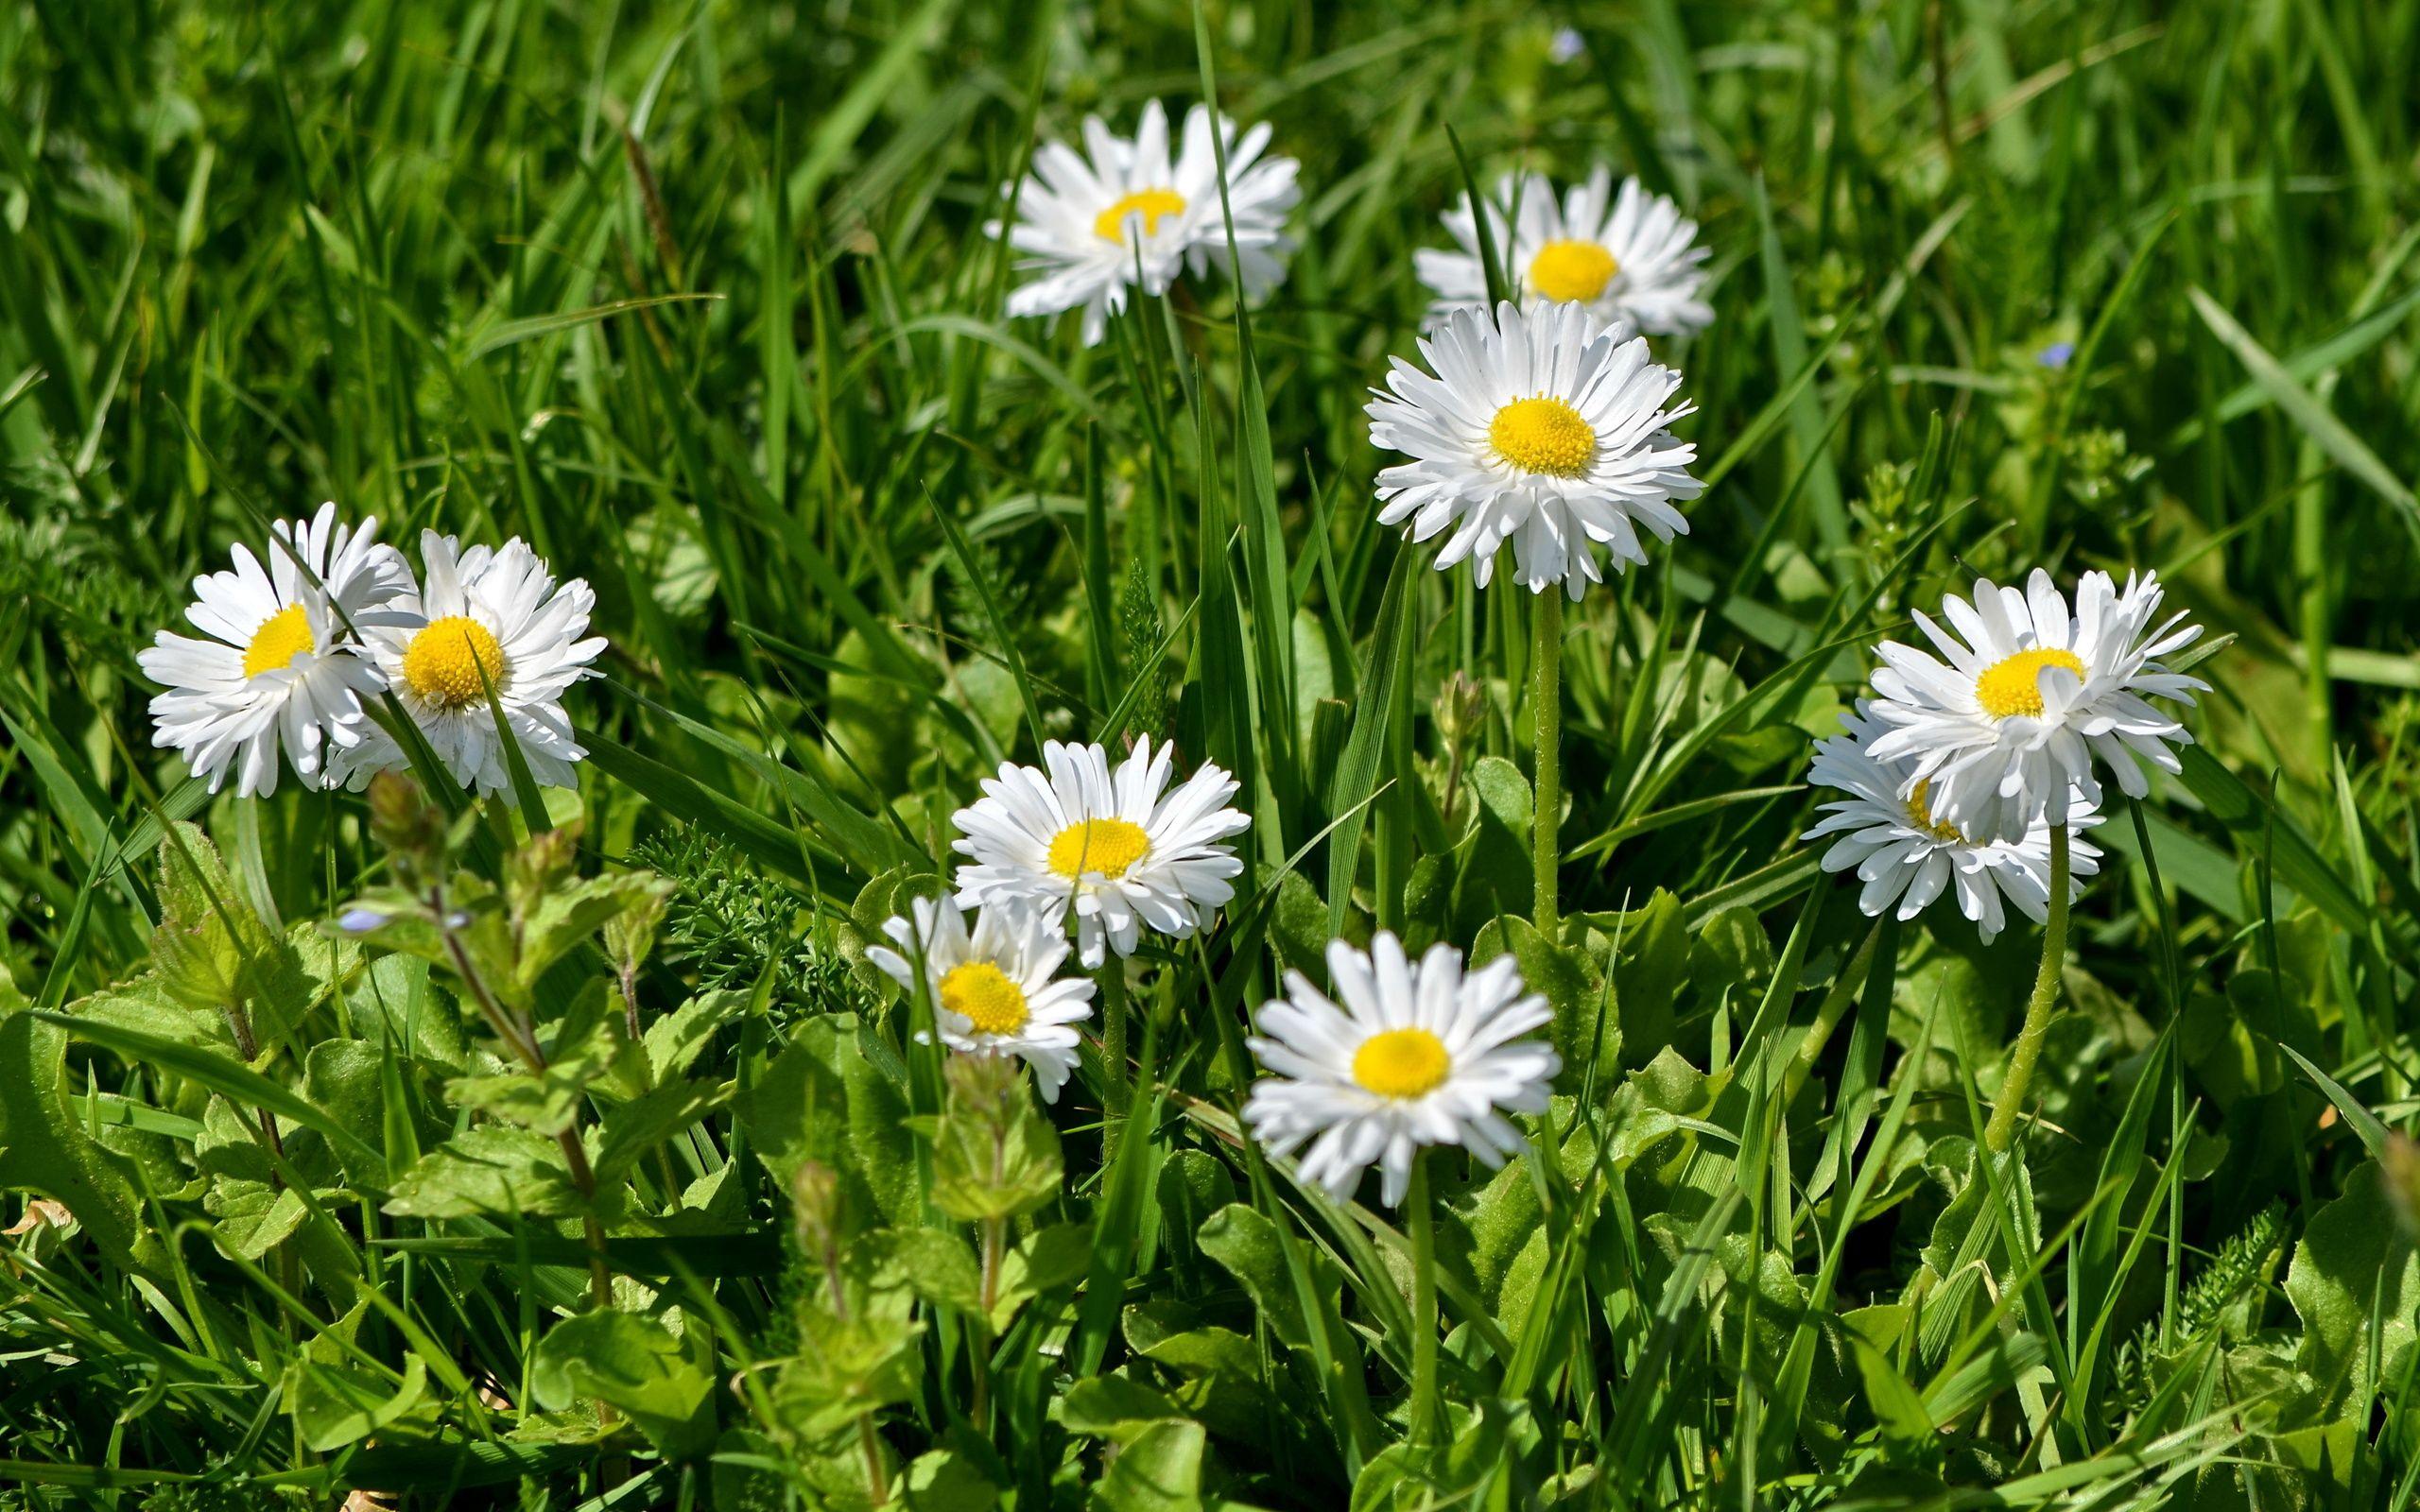 фото цветов в траве продаже загородных домов